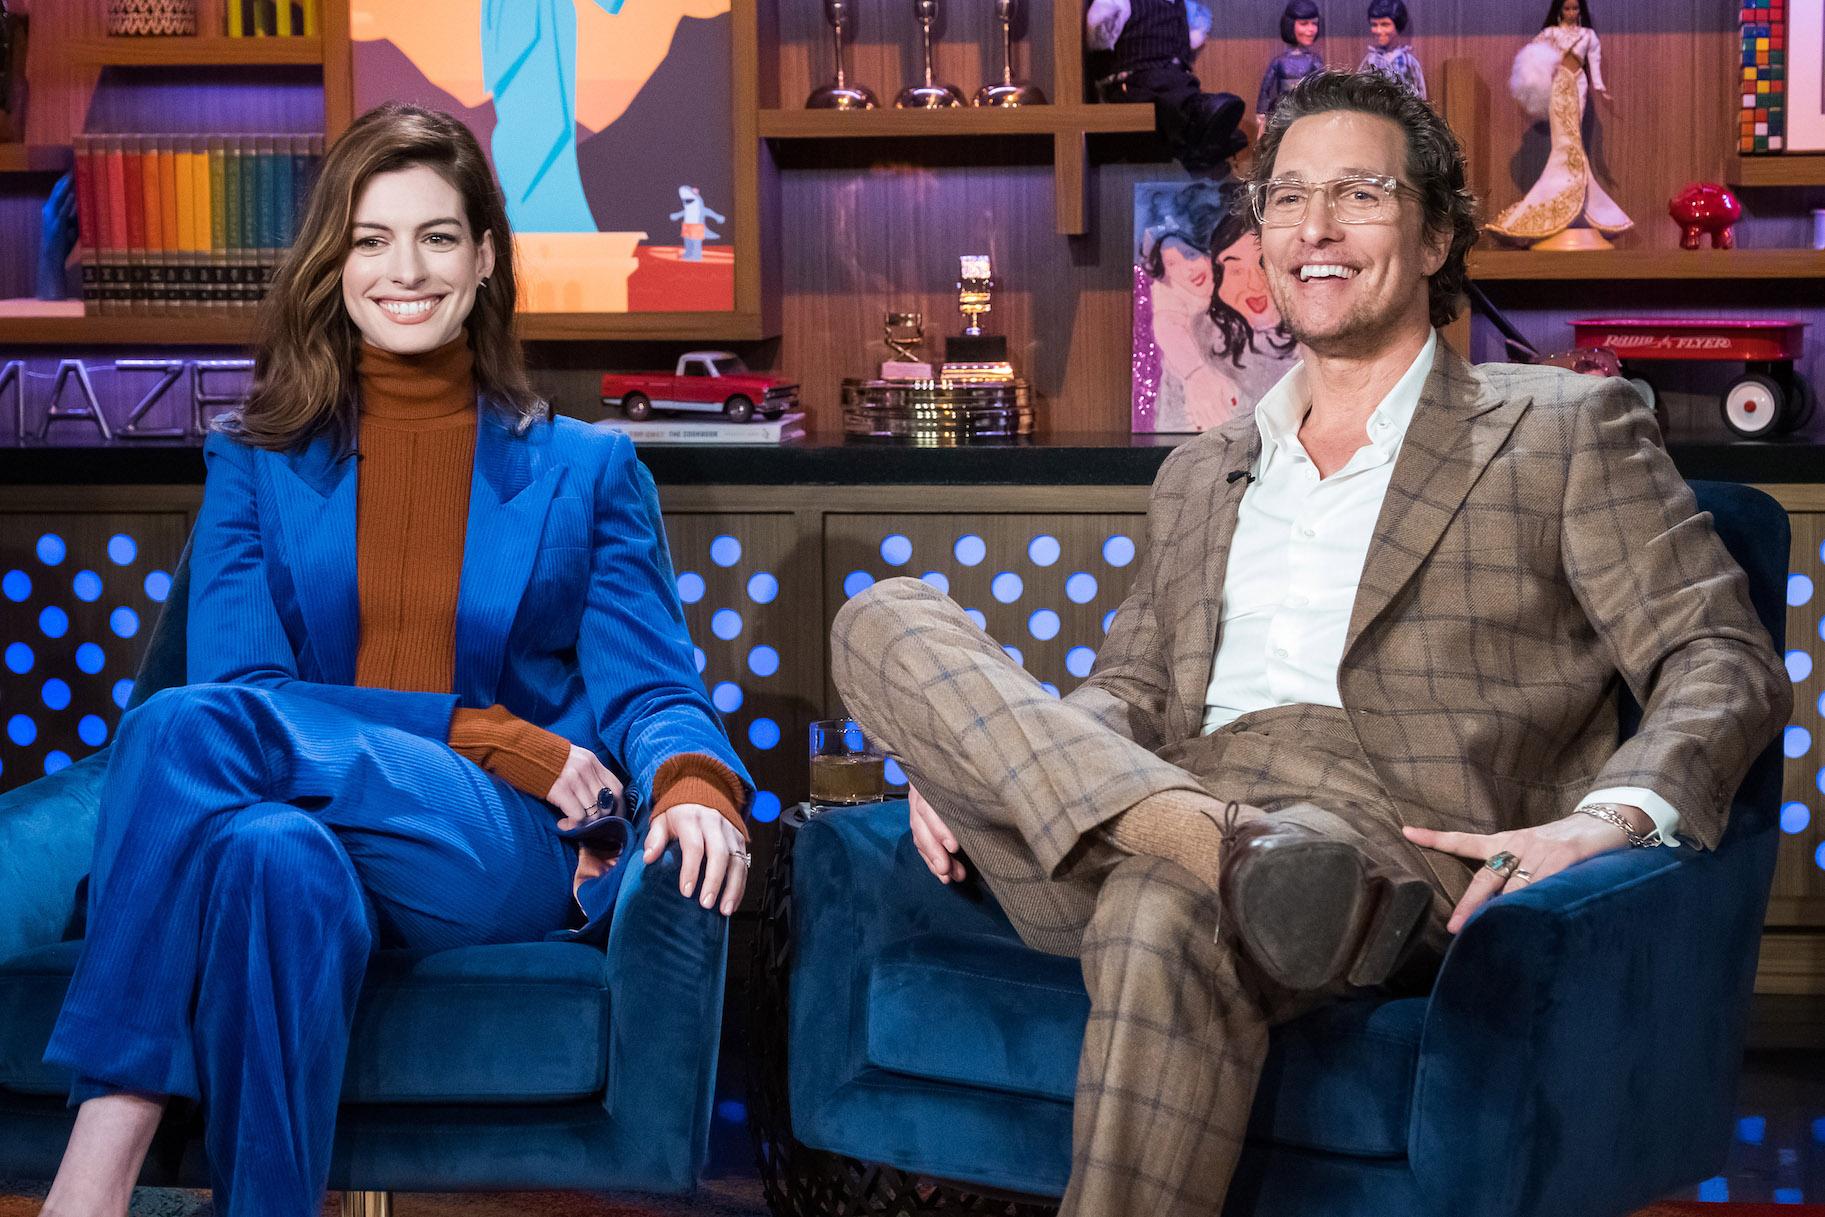 Watch Anne Hathaway Matthew Mcconaughey Watch What Happens Live